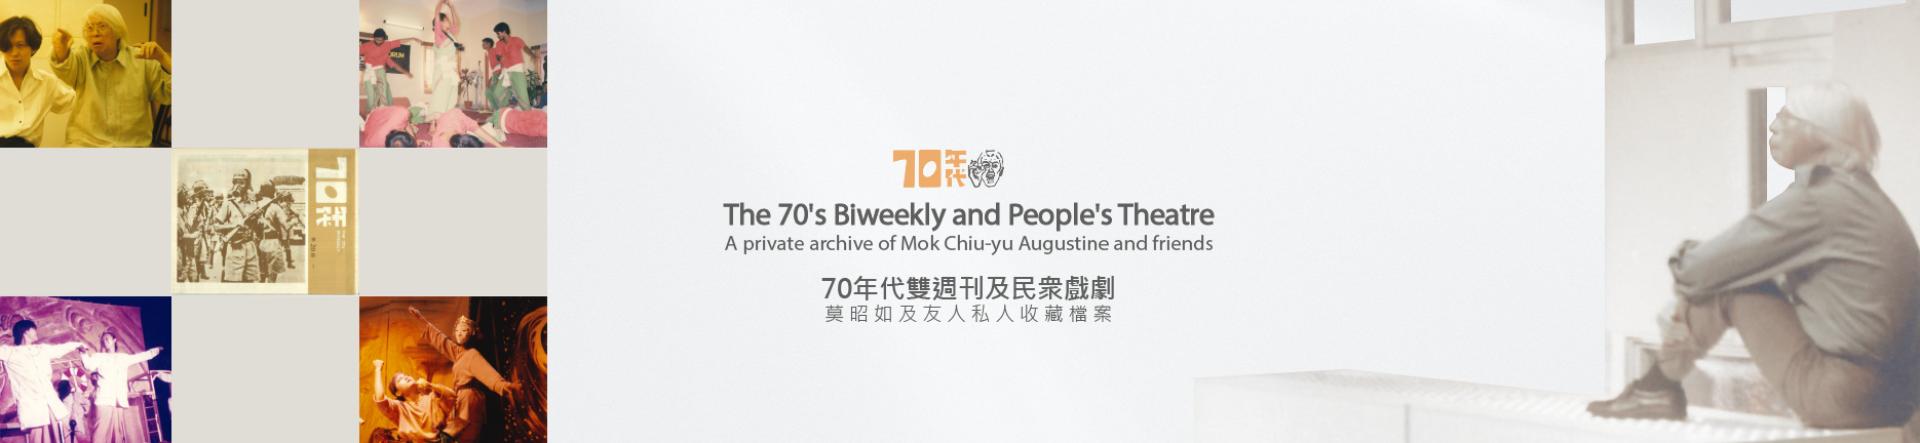 70s biweekly database